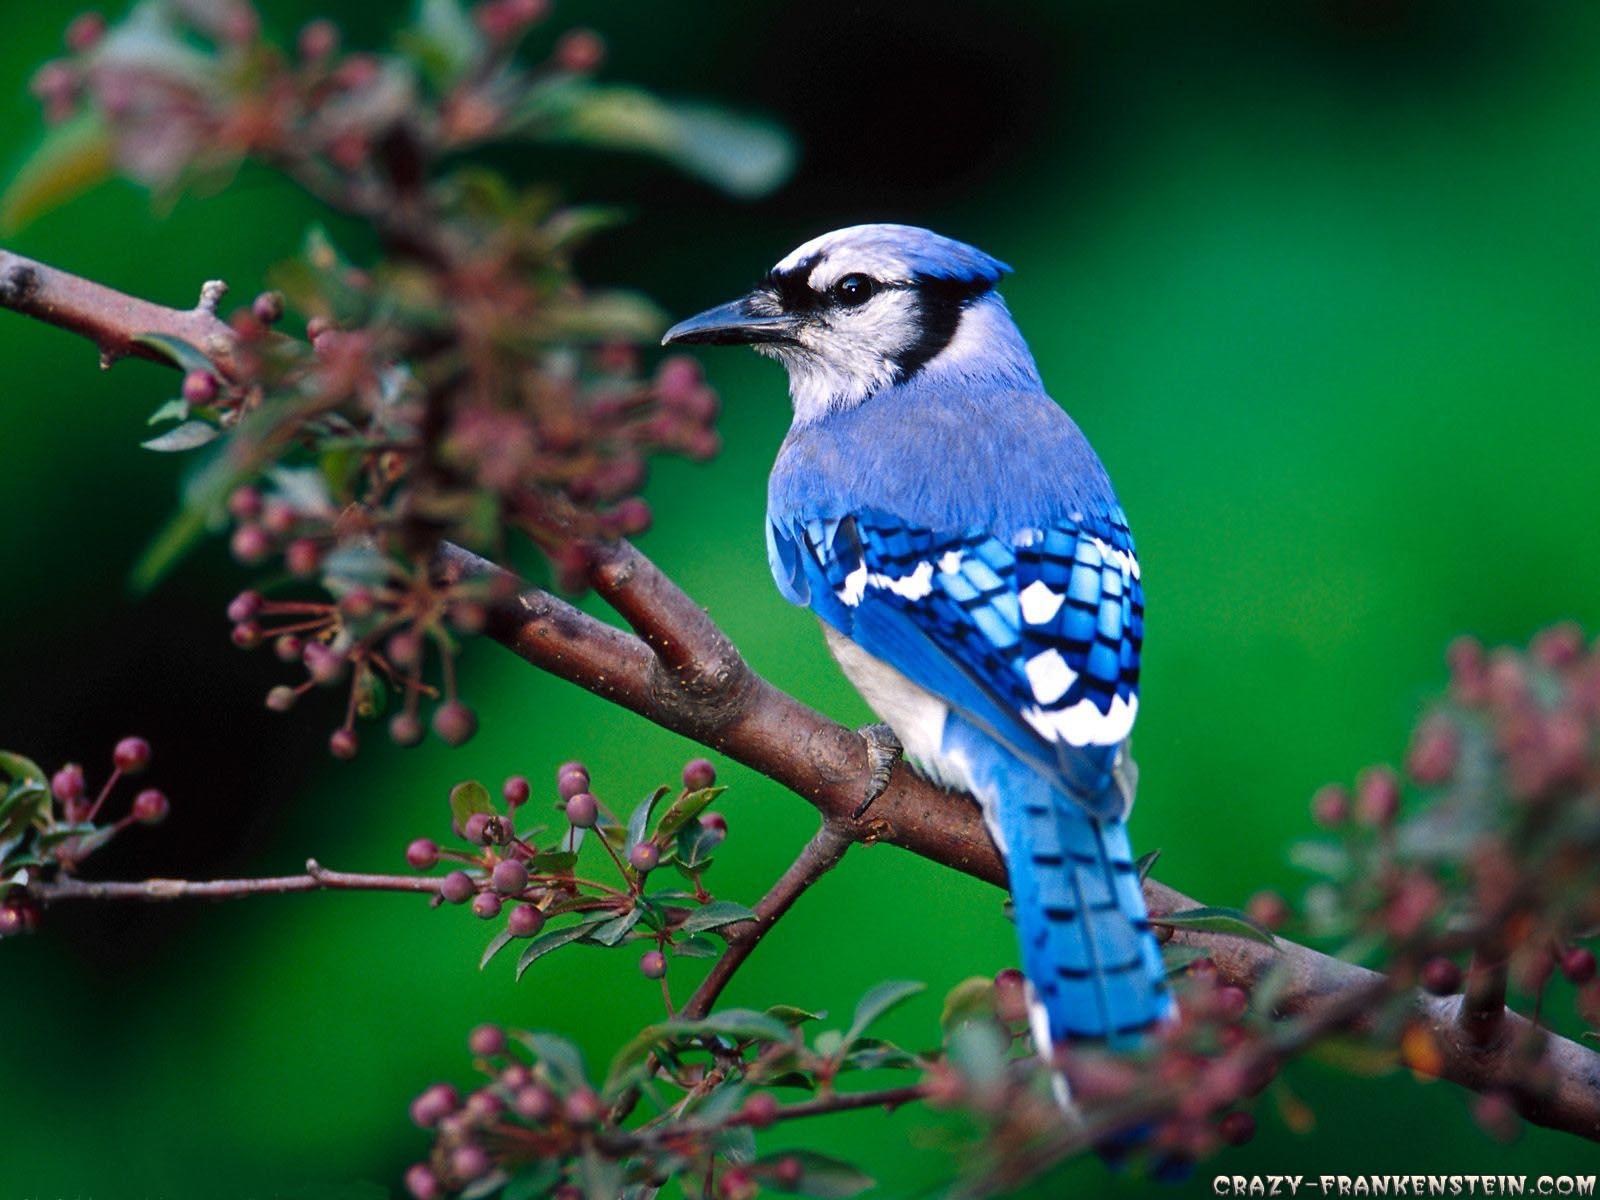 http://2.bp.blogspot.com/-fndcTLznHMU/TlOHu3fN8MI/AAAAAAAAGCs/iRkLcZpYfS8/s1600/Bird_Wallpaper.jpg